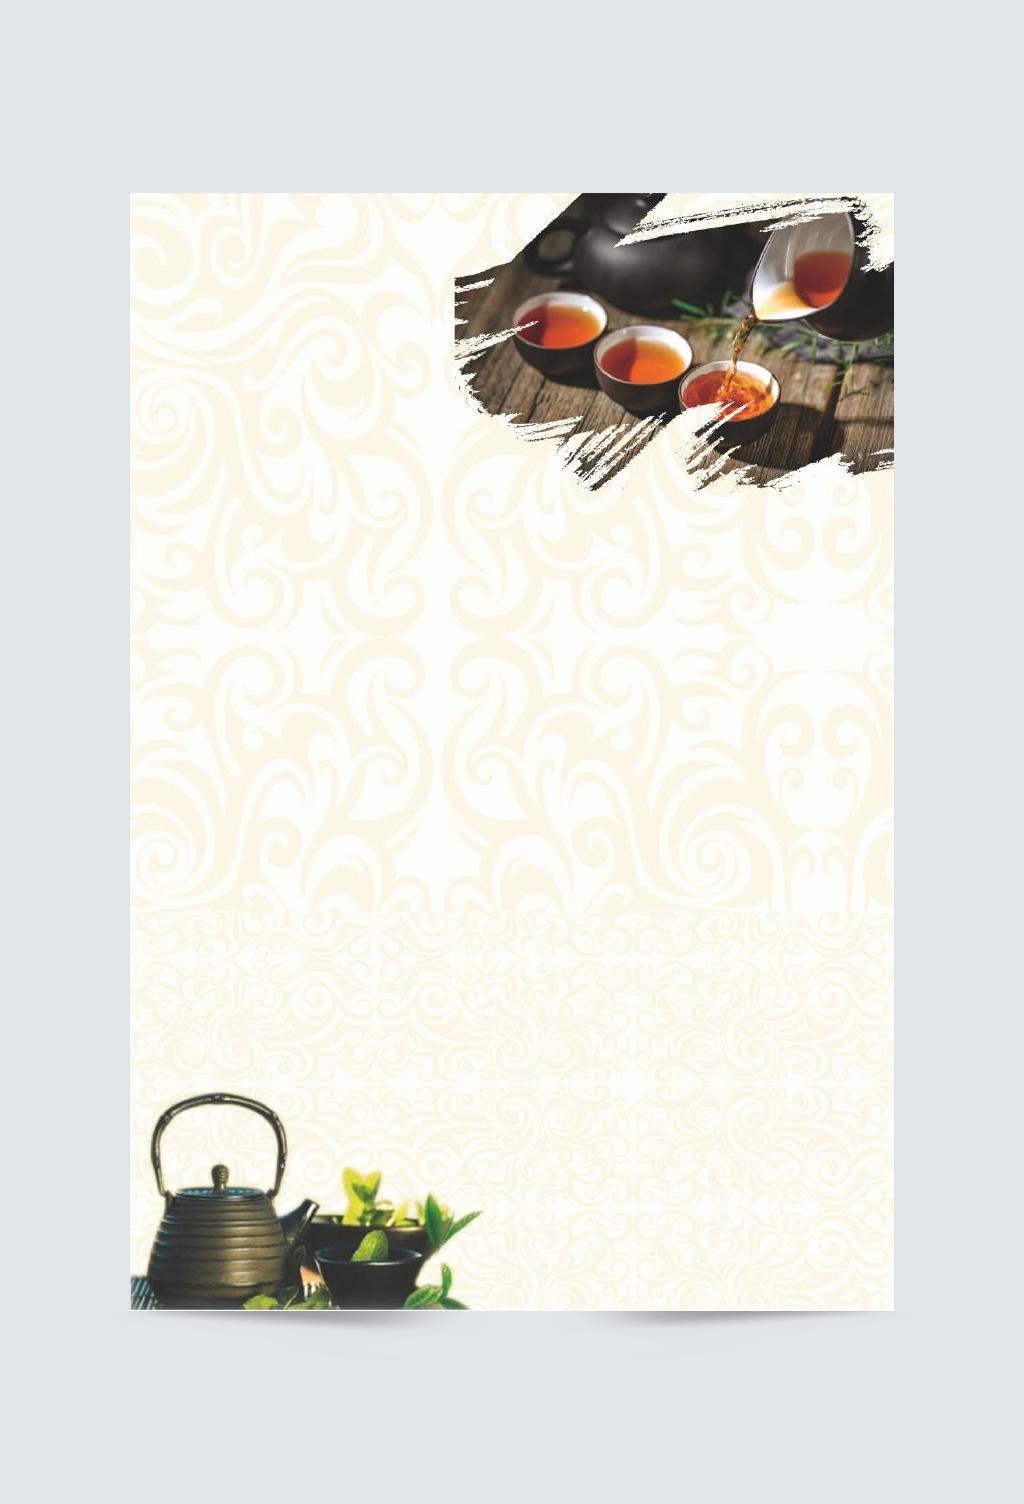 中国元素茶文化背景